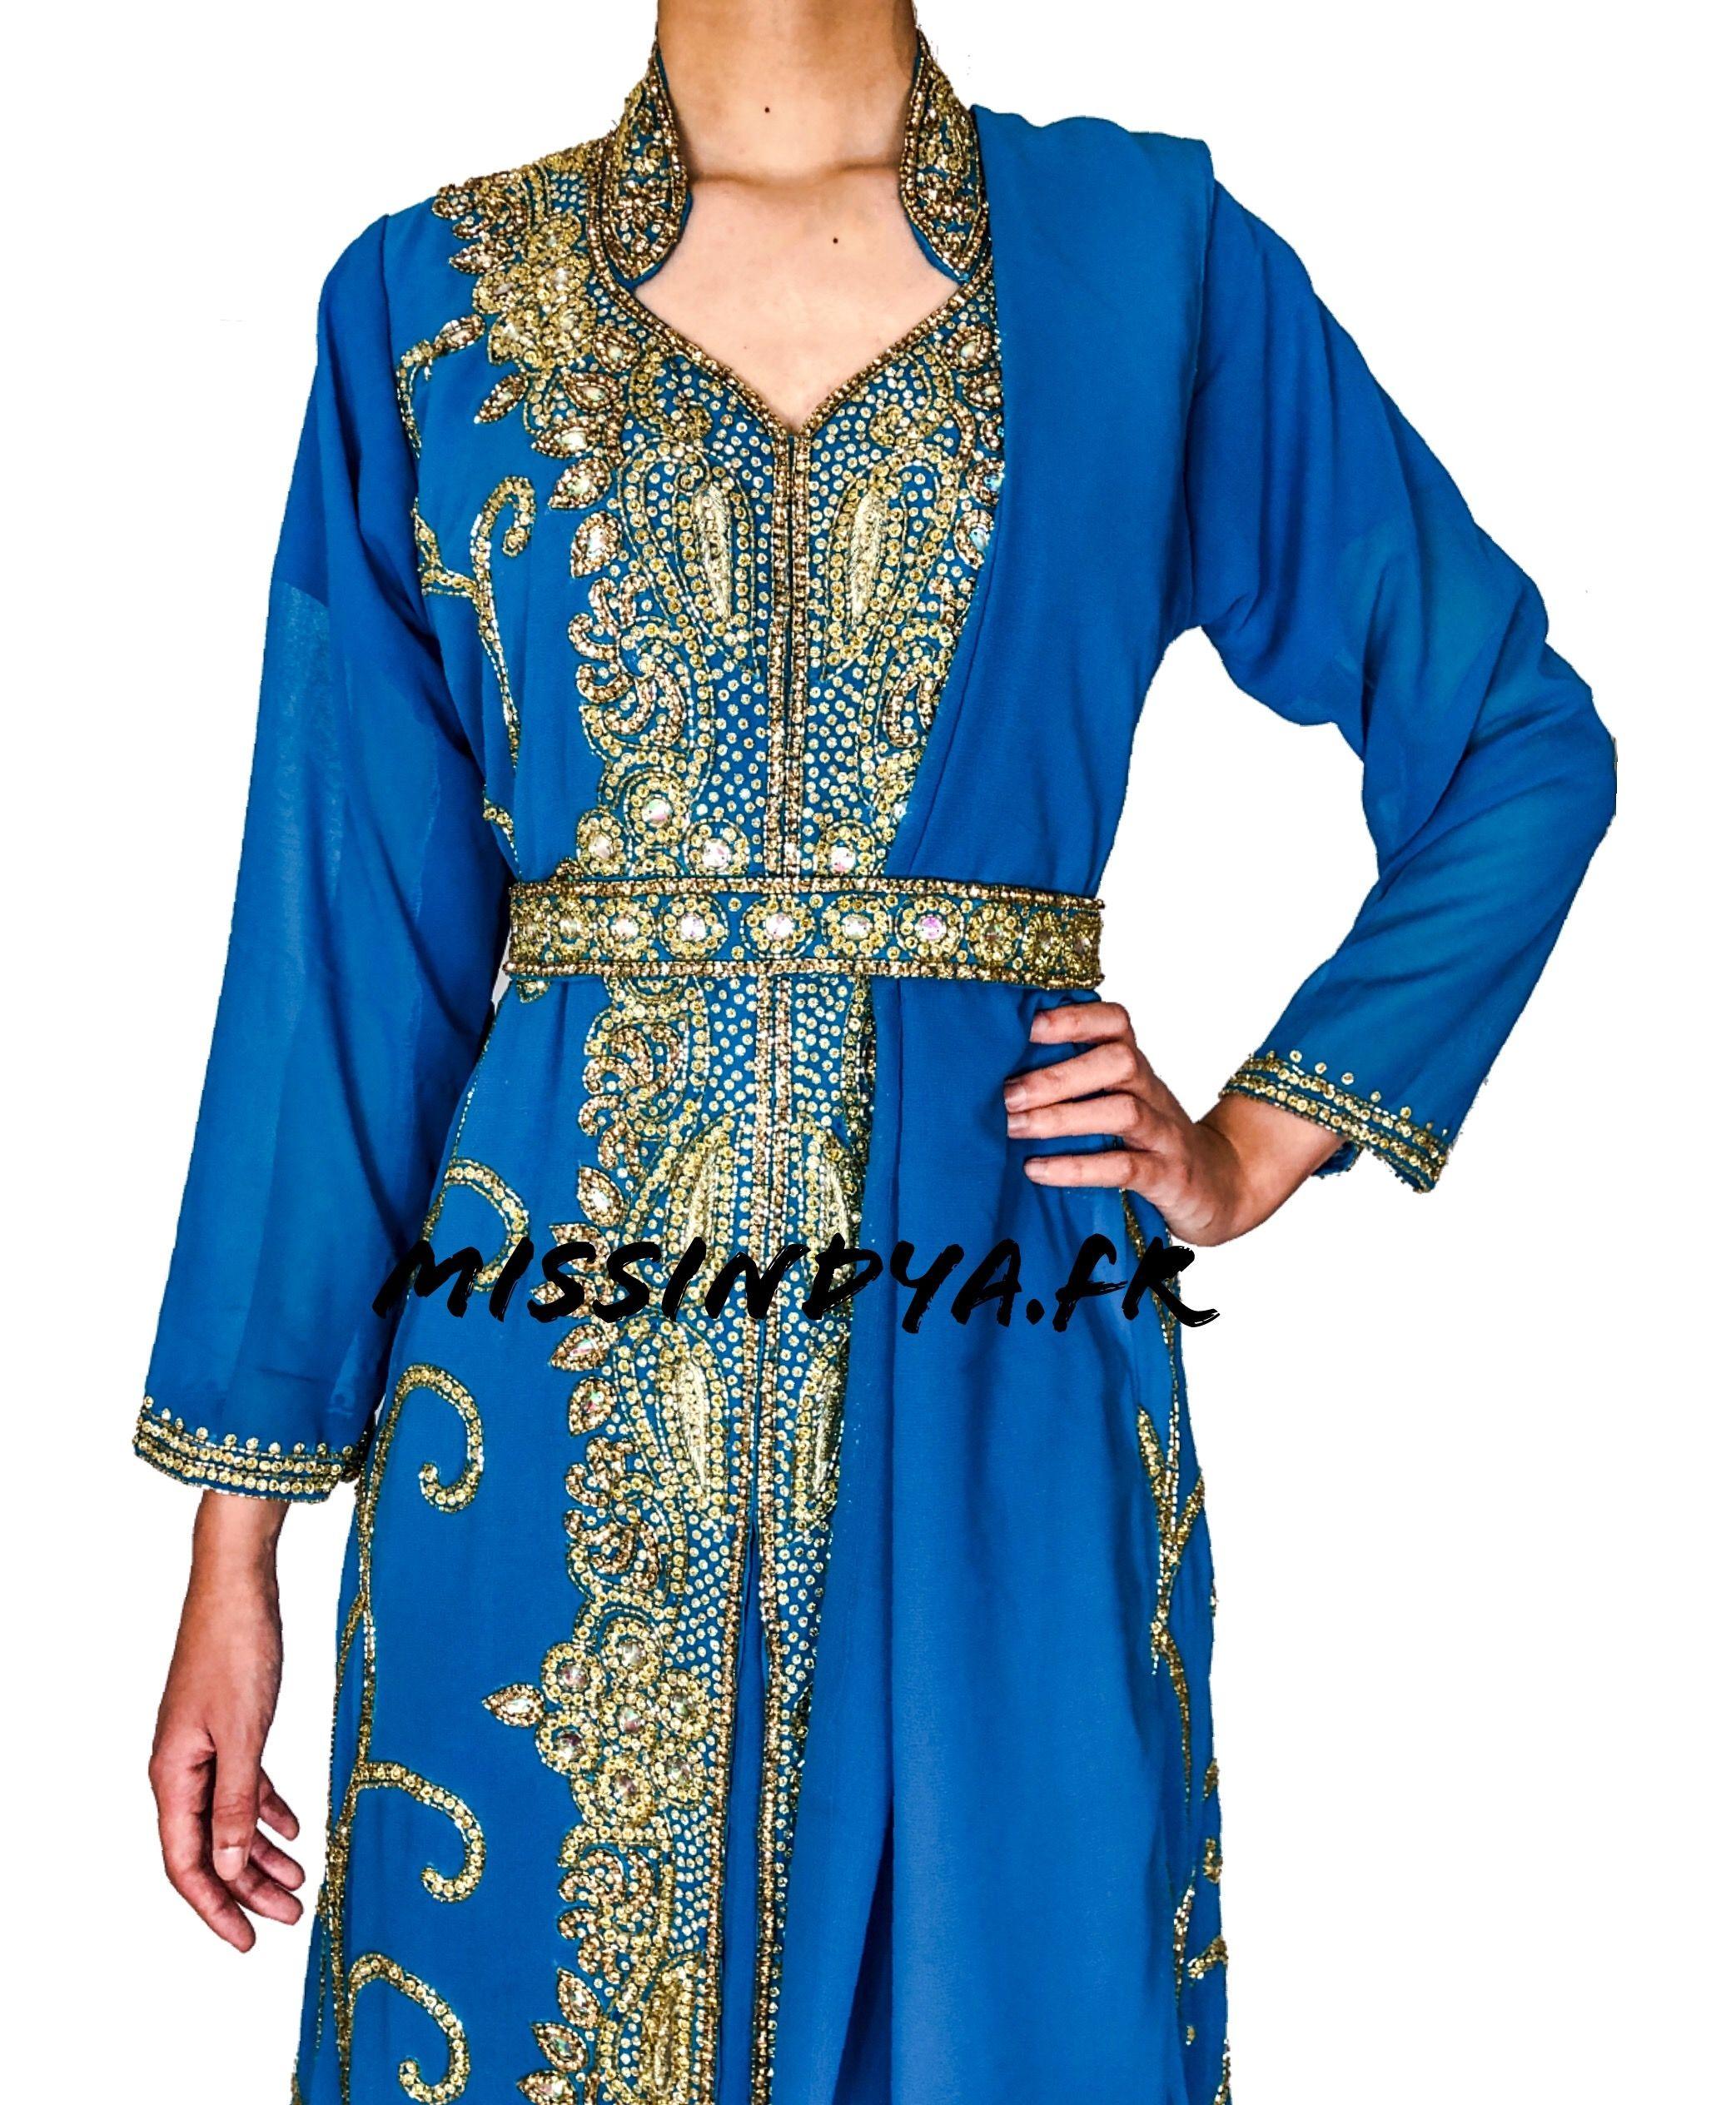 Parure Bijoux pas cher Argenté   Bleu royal 658fcb255d9a